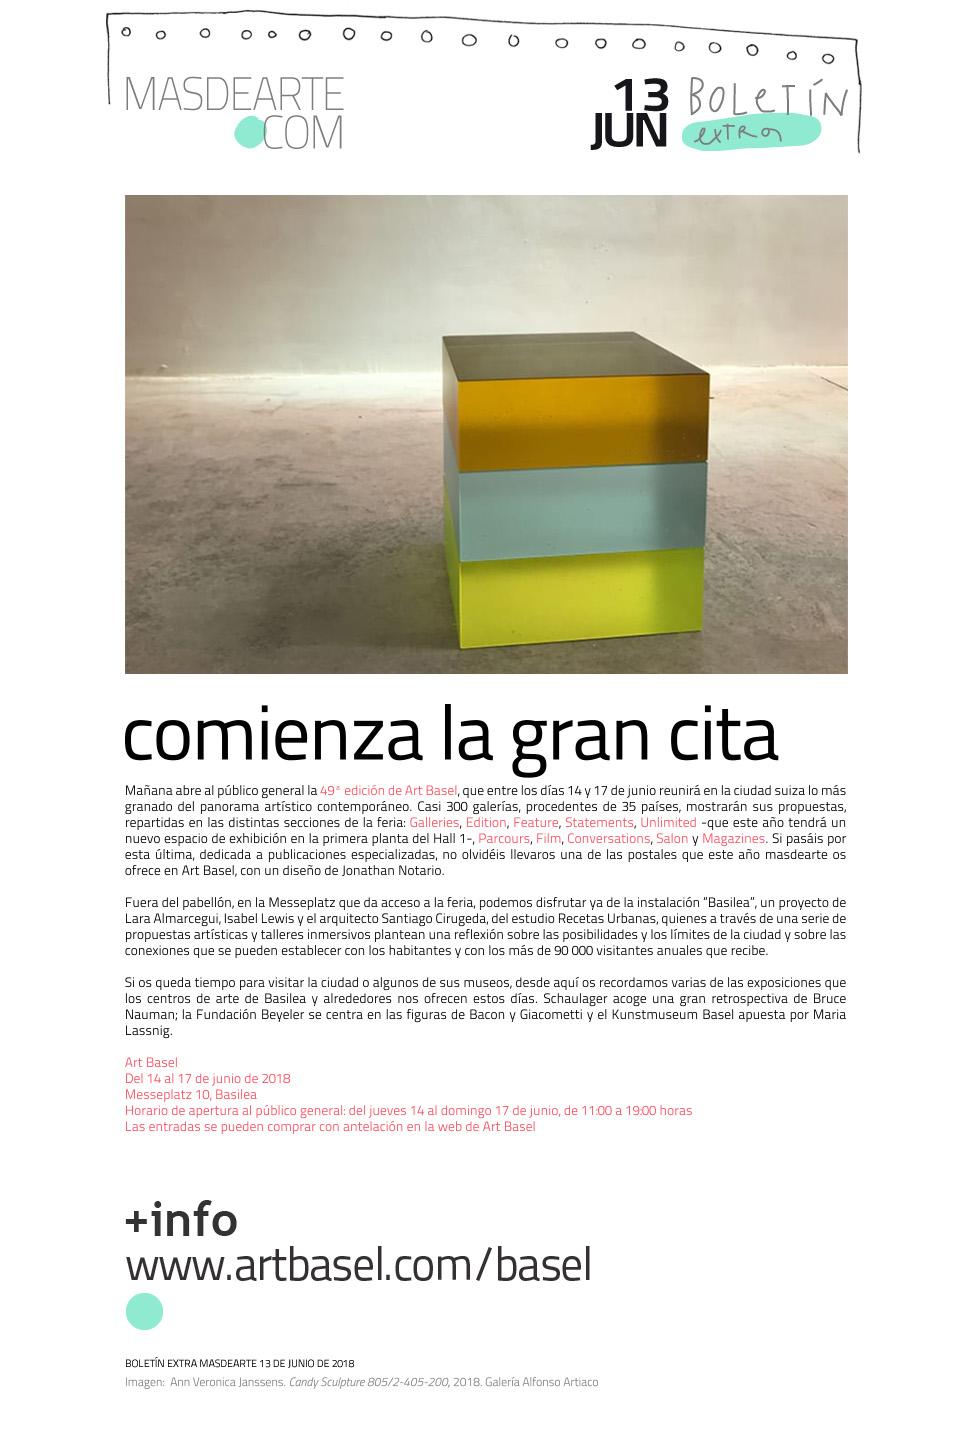 Extra masdearte: arranca Art Basel, la gran cita con el arte contemporáneo.  Del 14 al 17 de junio de 2018